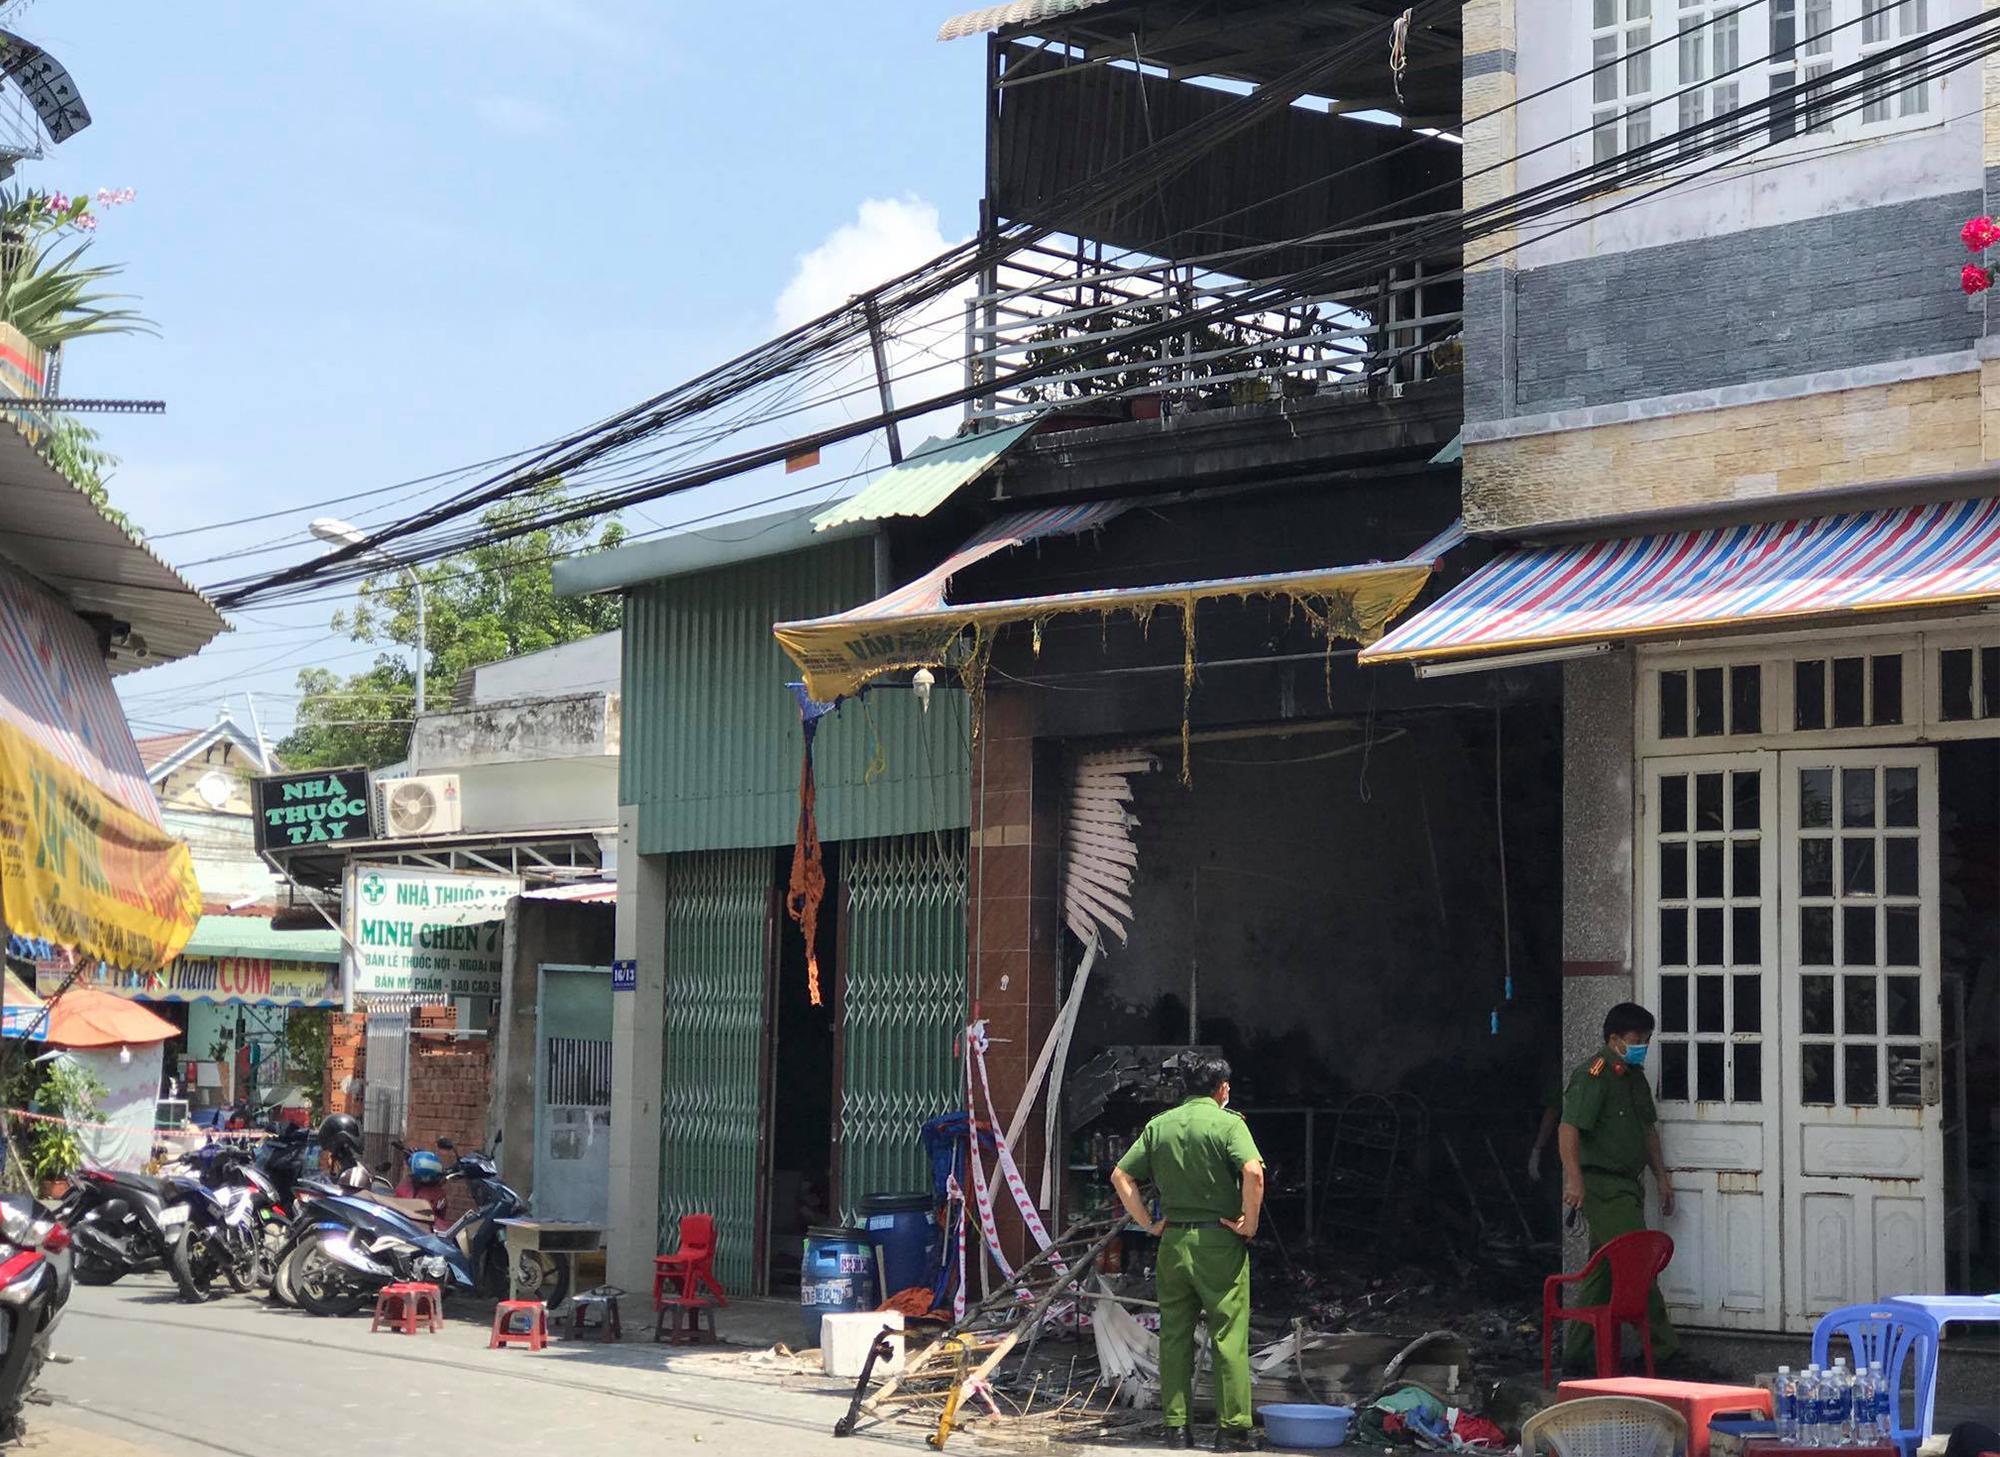 Sáng 19/8, cảnh sát khám nghiệm hiện trường, điều tra nguyên nhân vụ hỏa hoạn. Ảnh: Yên Khánh